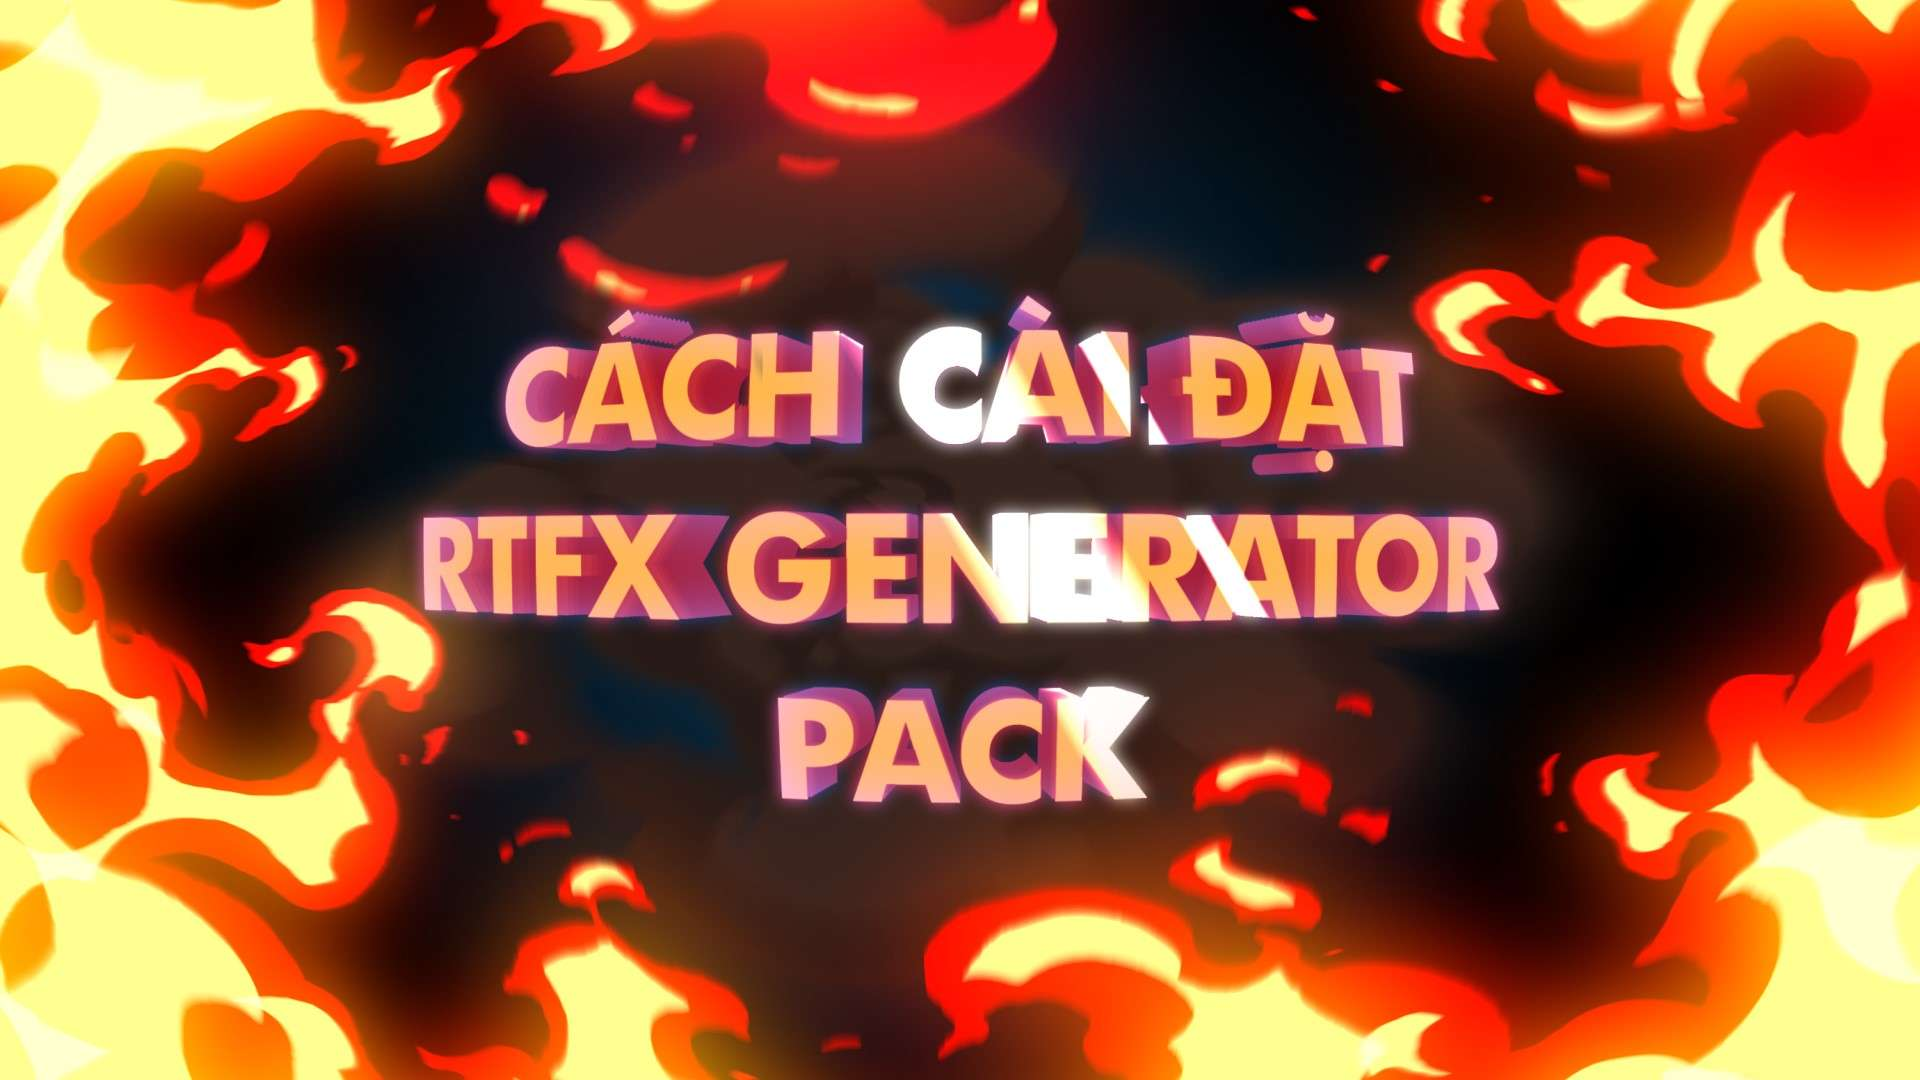 Hướng Dẫn Cách Cài Đặt RTFX Generator Pack cho After Effect Mọi Phiên Bản